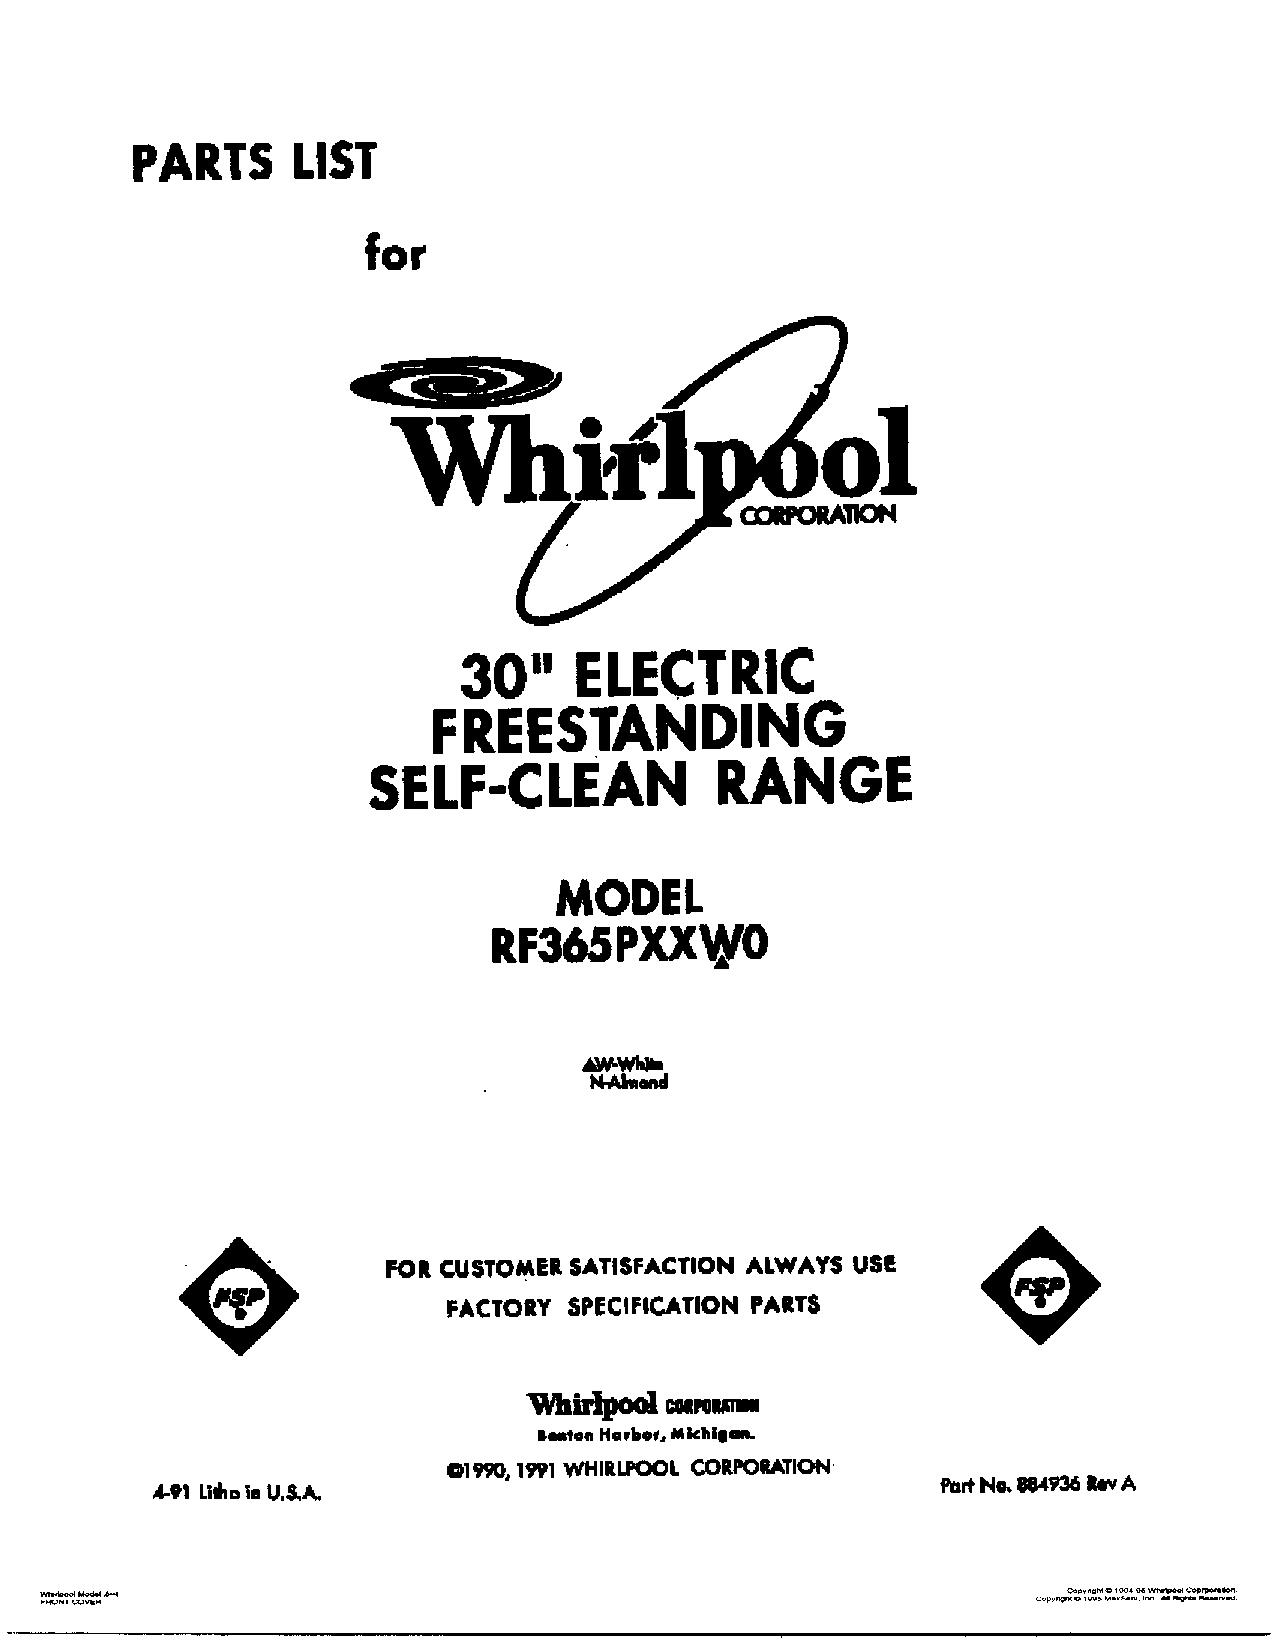 RF365PXXW0